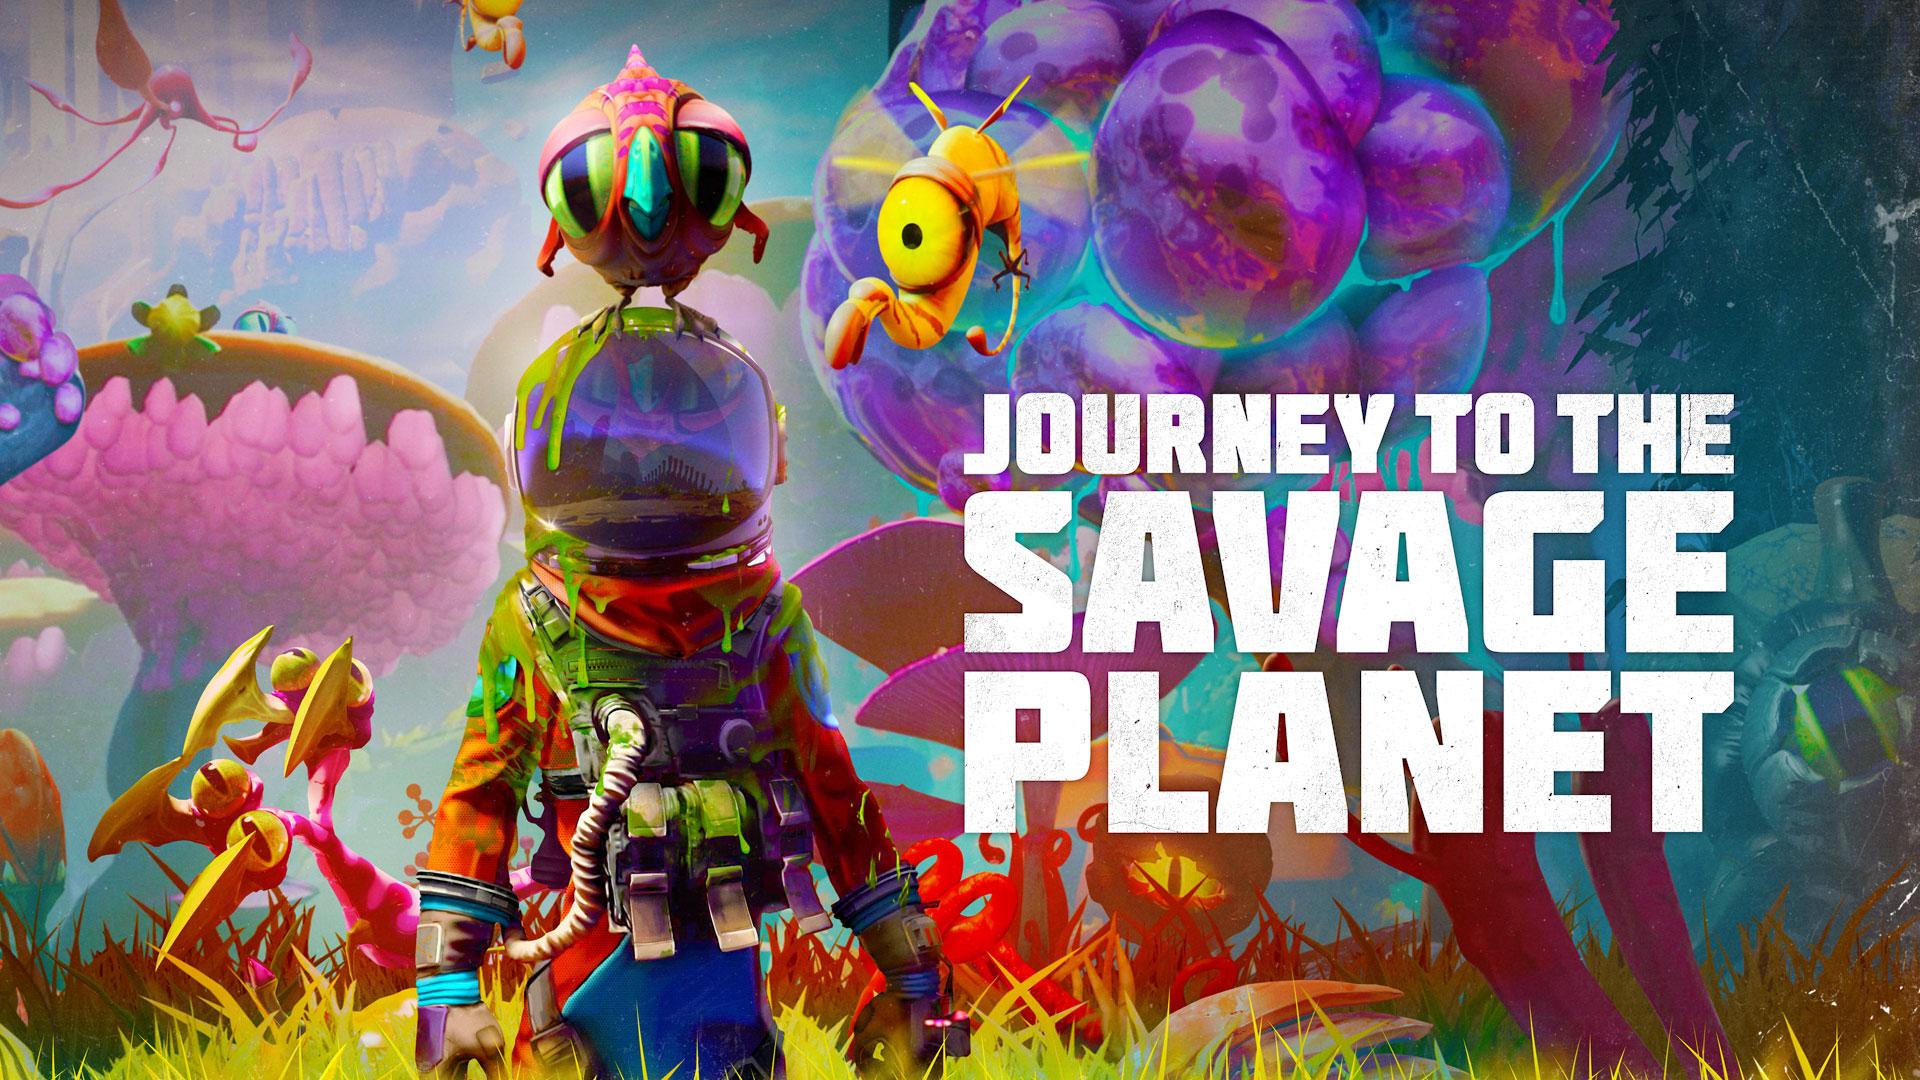 Новые релизы PlayStation на следующей неделе 27-2 февраля